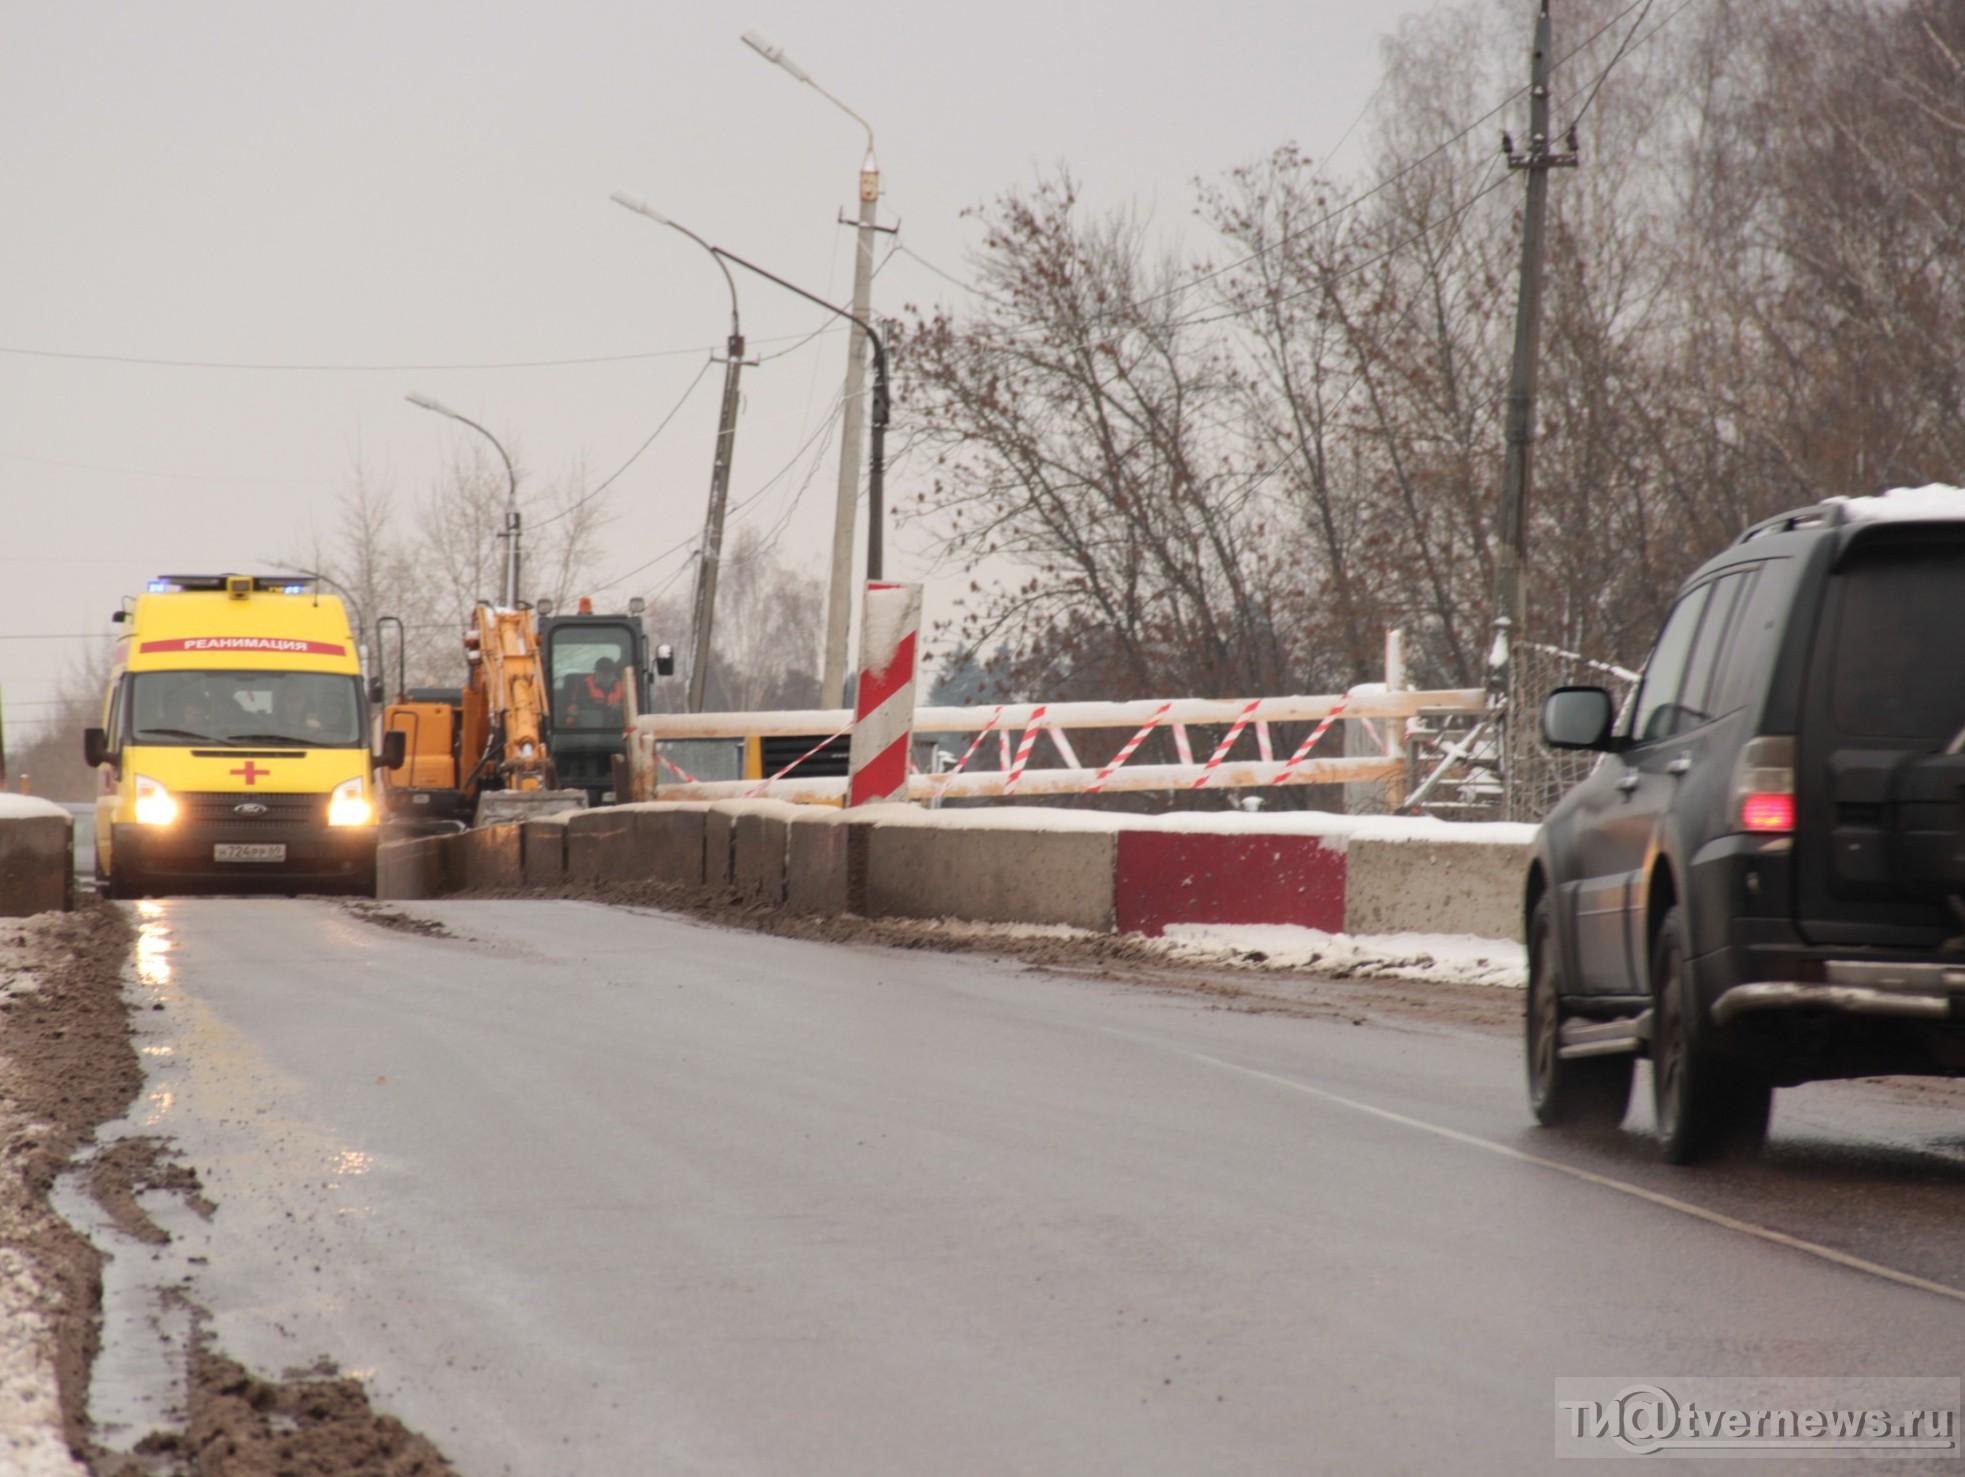 ВТвери намесяц ограничат движение по«горбатому мосту»